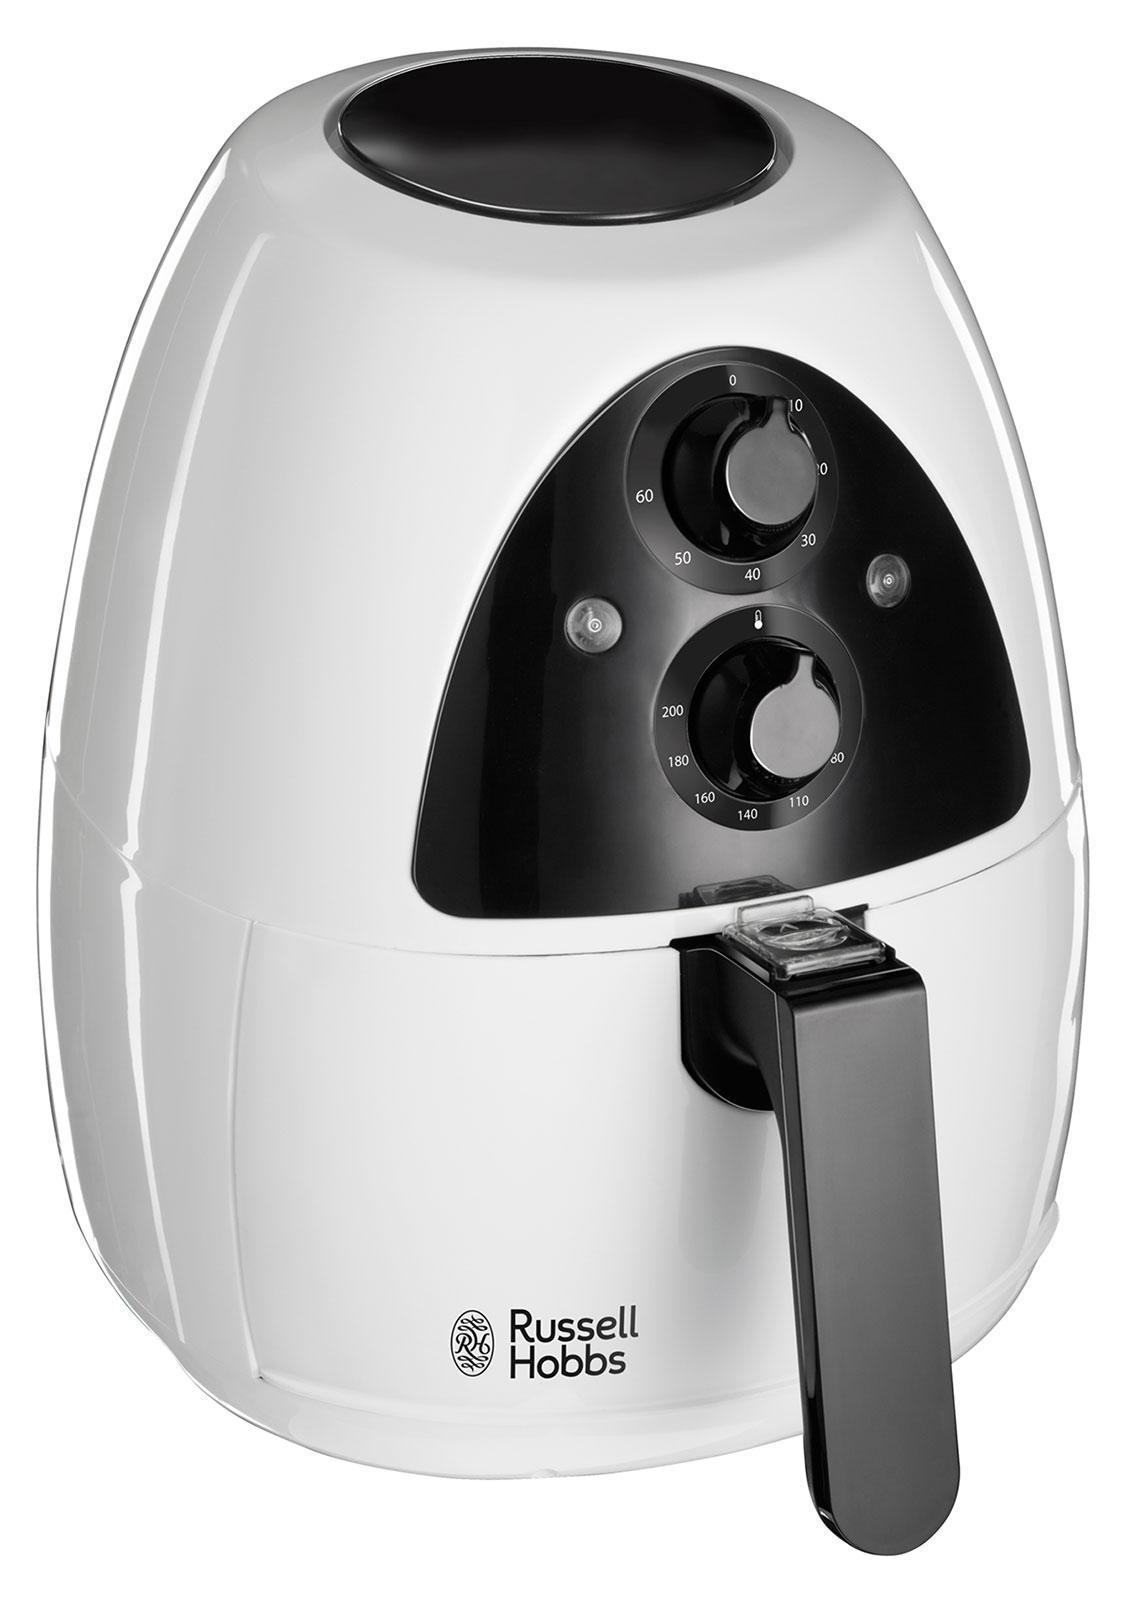 Russell Hobbs 20810-56 мультипечь20810-56Фритюрница Purifry подходит для приготовления картофеля-фри, мяса, рыбы, овощей и даже выпечки и многого другого! Специальный разделитель позволит готовить до двух блюд одновременно.Отсутствие необходимости добавлять масло означает меньше загрязнений, а безопасные для мытья в посудомоечной машине части фритюрницы Purifry крайне простые в очистке!Purifry крайне проста в обращении и время приготовления в ней значительно ниже. В отличие от традиционного фритюра, требующего добавления масла, наша мультипечь готова к работе гораздо быстрее, т.к. не требует предварительного разогрева масла. Отсутствие масла также означает значительно меньшее выделение запахов и дыма, сохраняя заманчивый аромат вкусно приготовленного блюда.